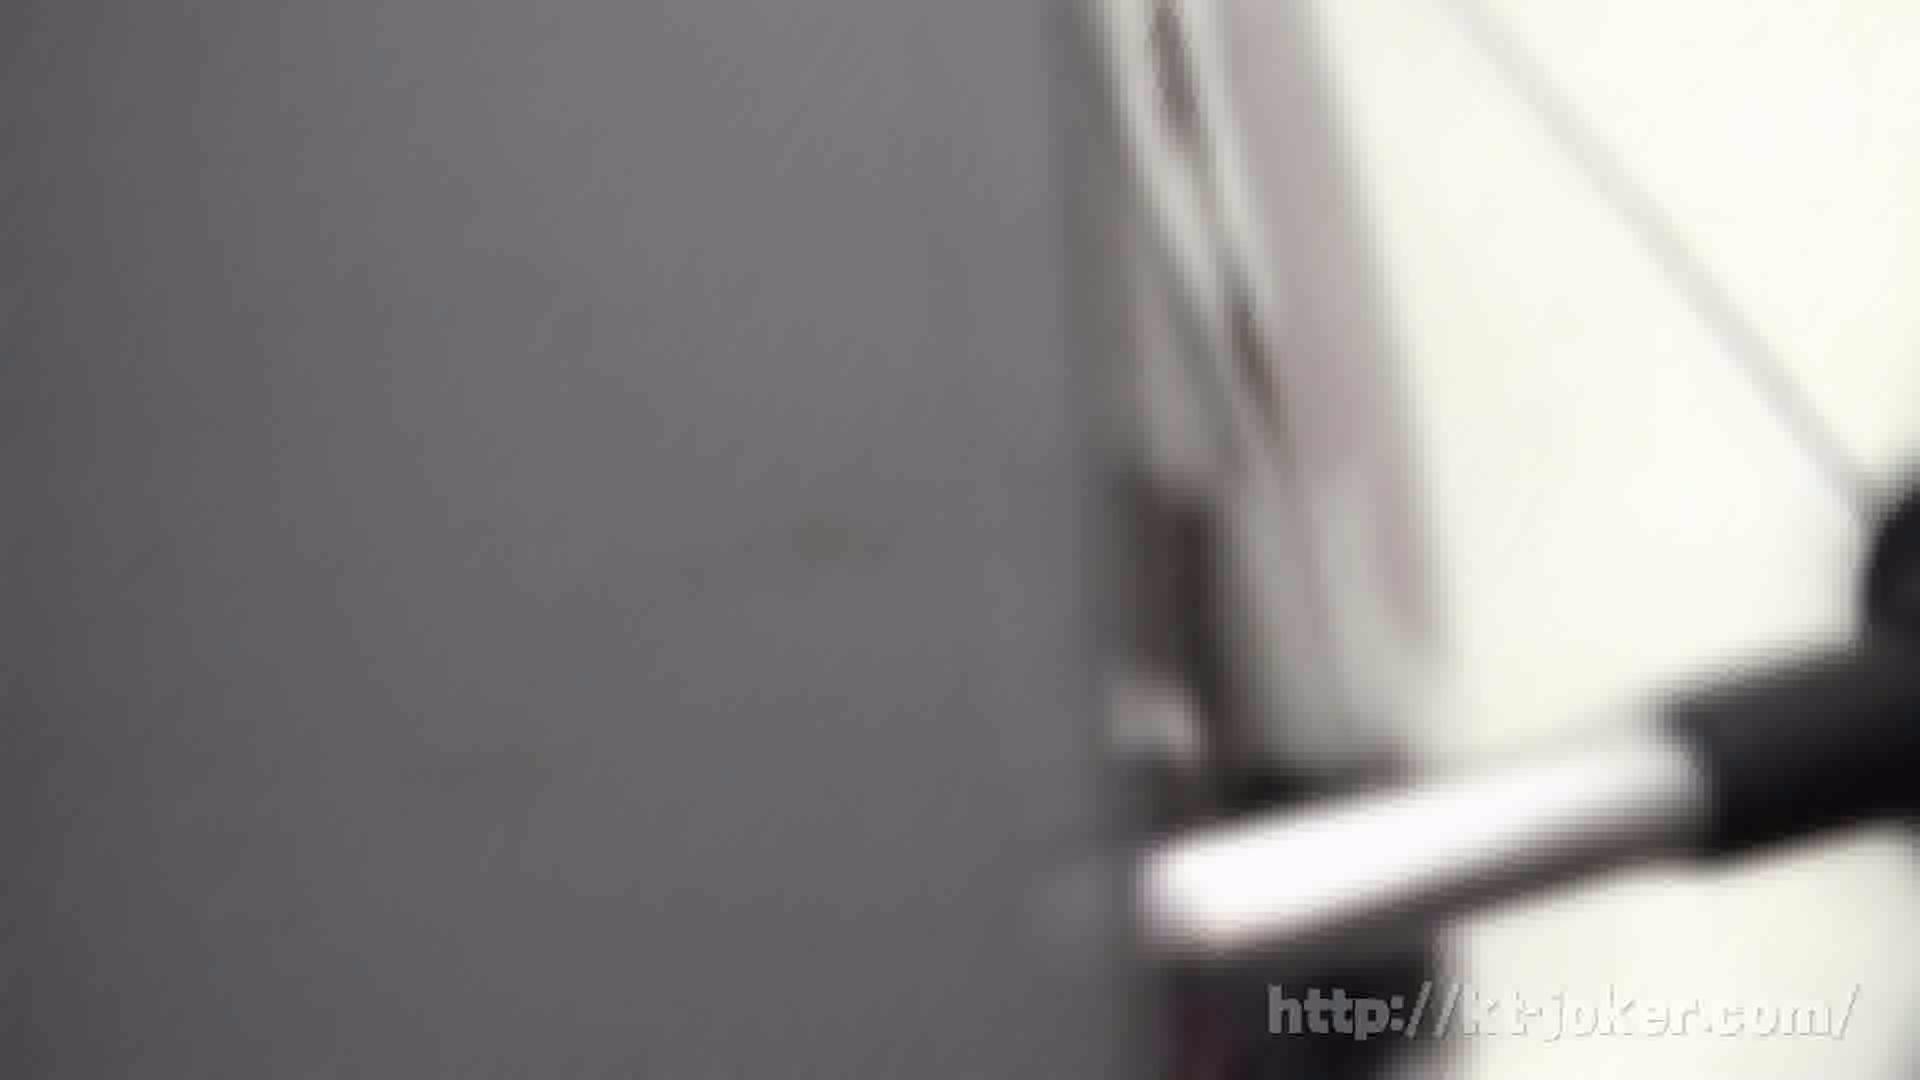 命がけ潜伏洗面所! vol.48 突入最前線!おまけ付き 洗面所 おまんこ動画流出 103PIX 15